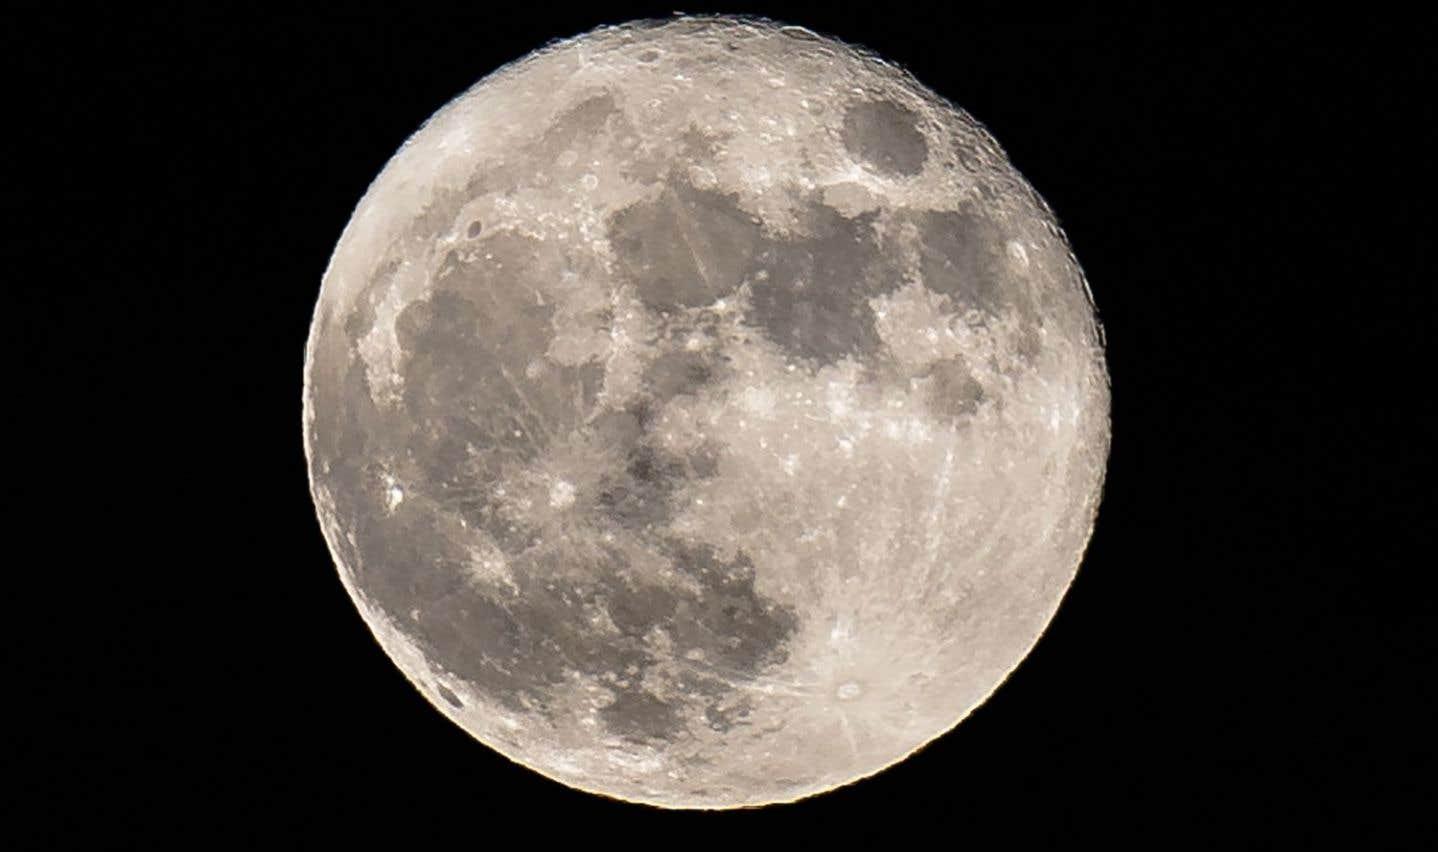 Les profondeurs de la Lune seraient riches en eau